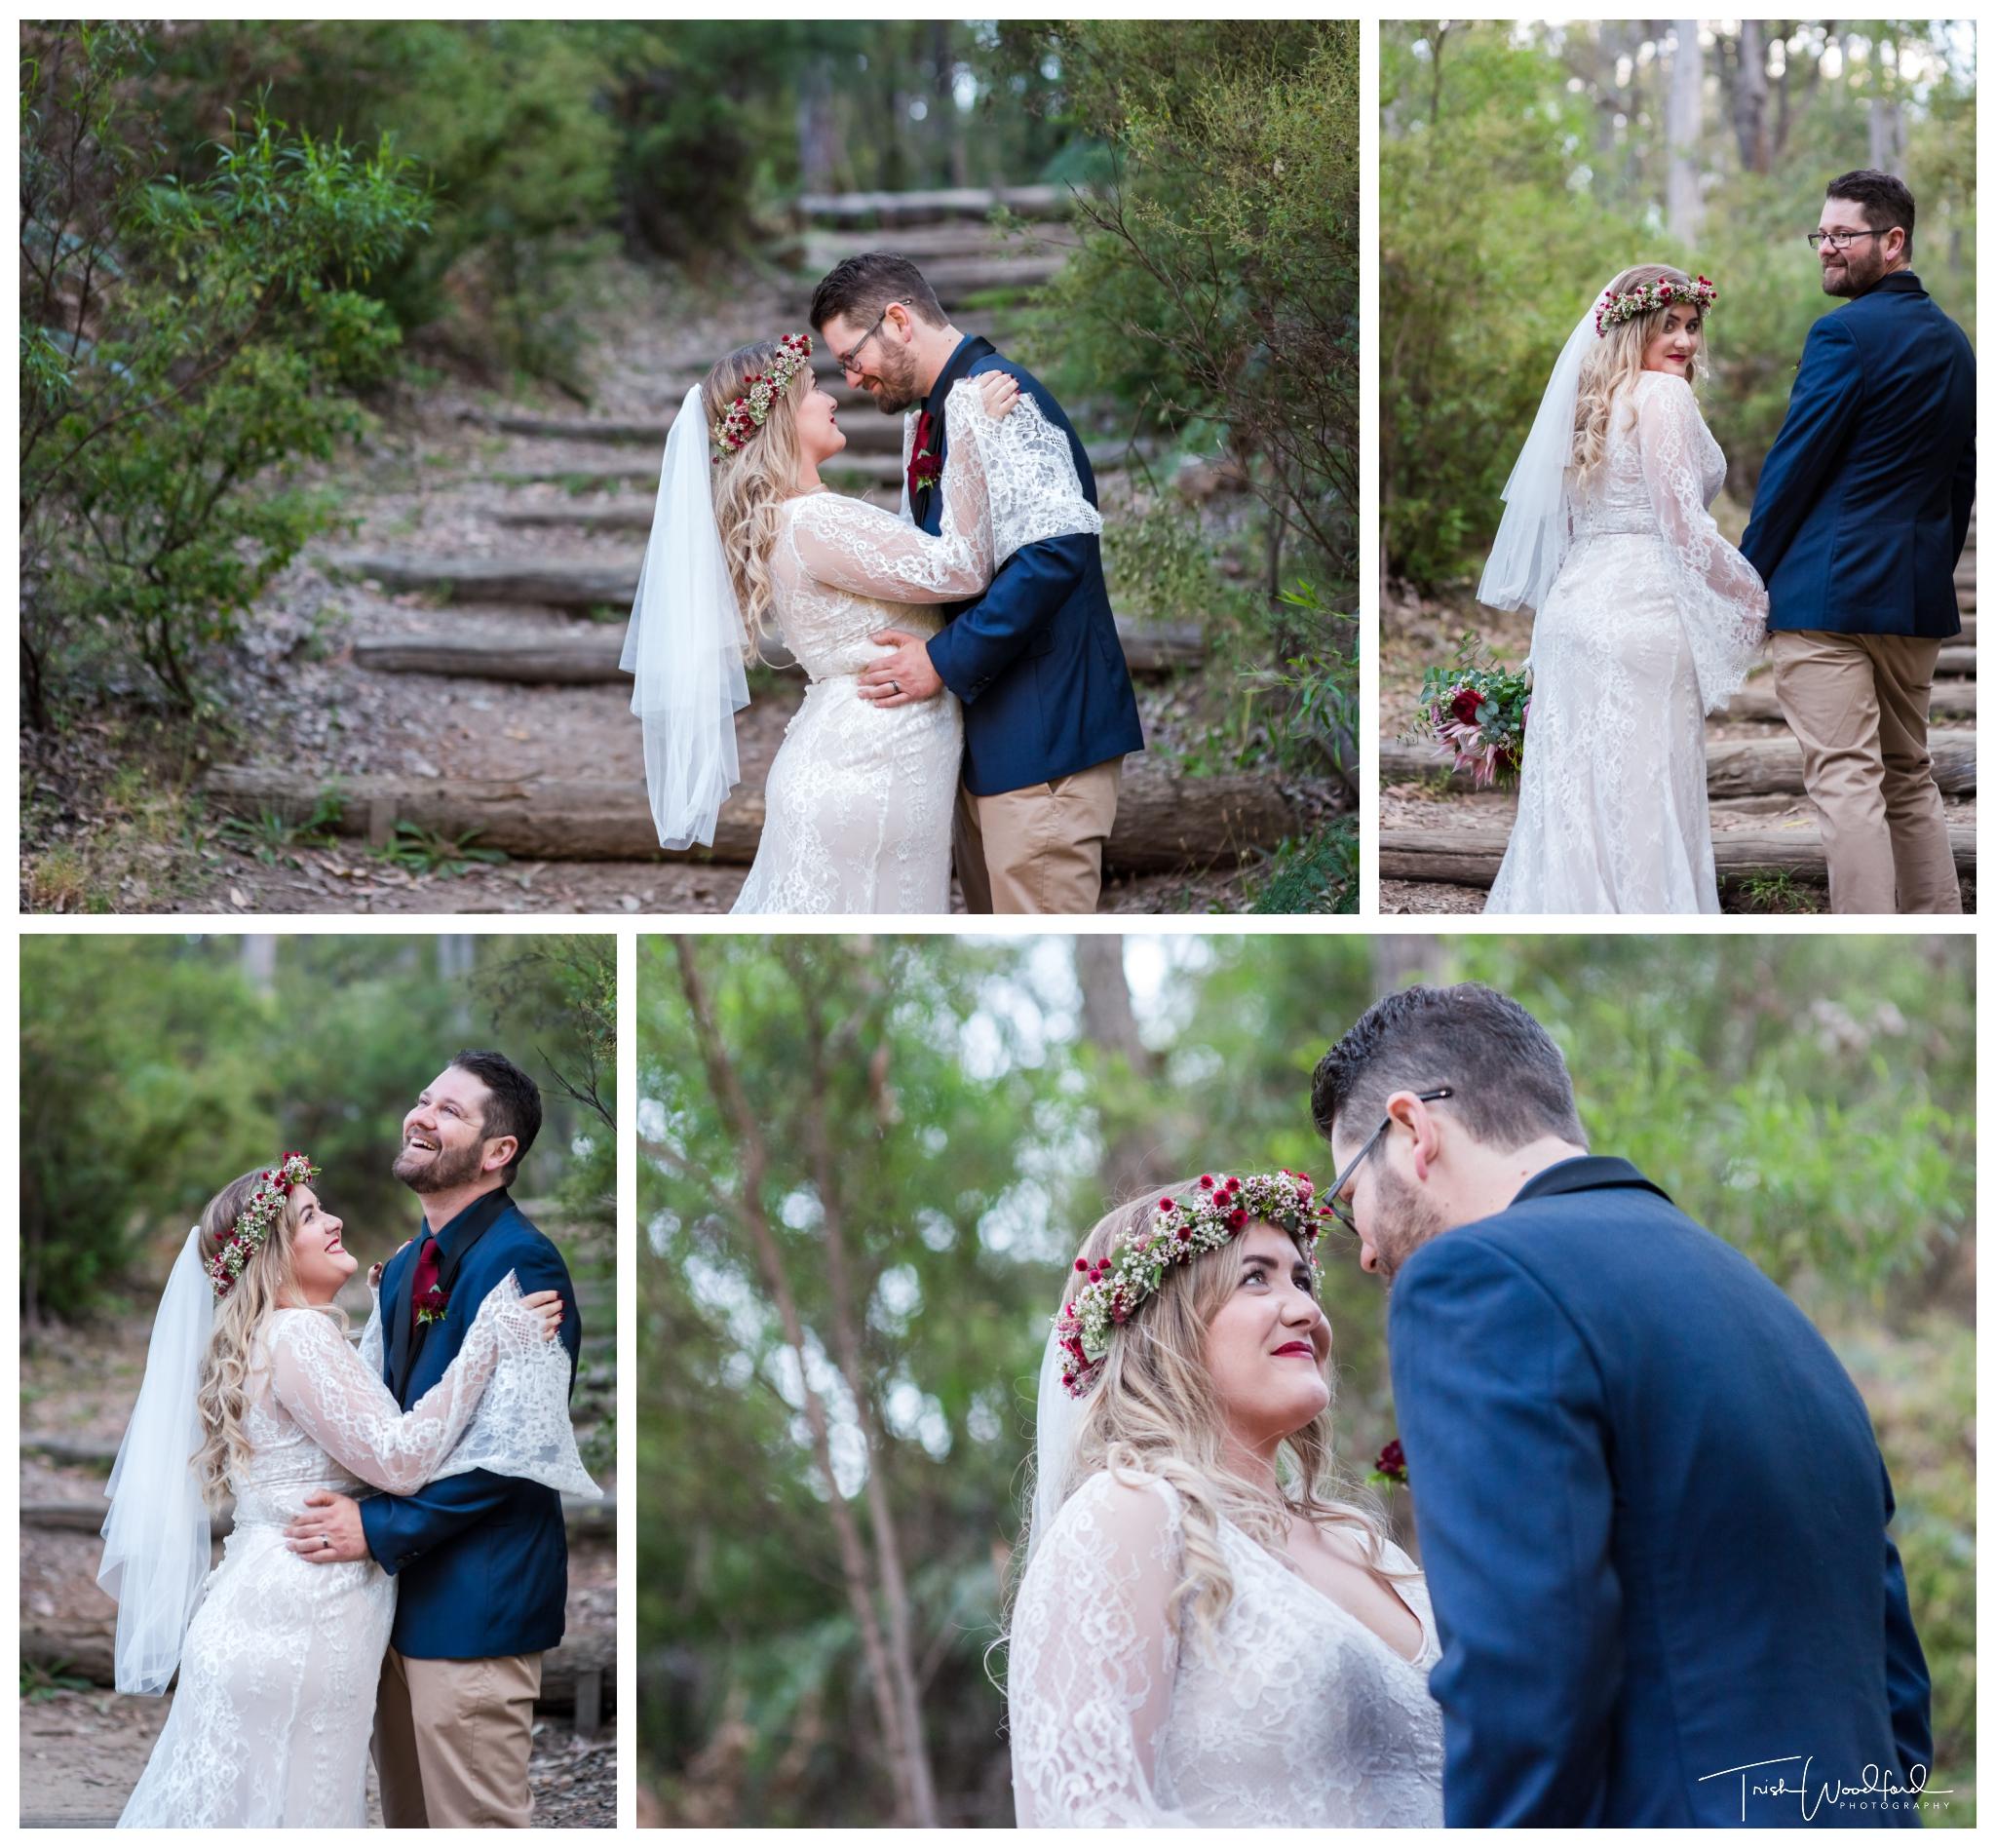 Nanga Bush Wedding Bride and Groom